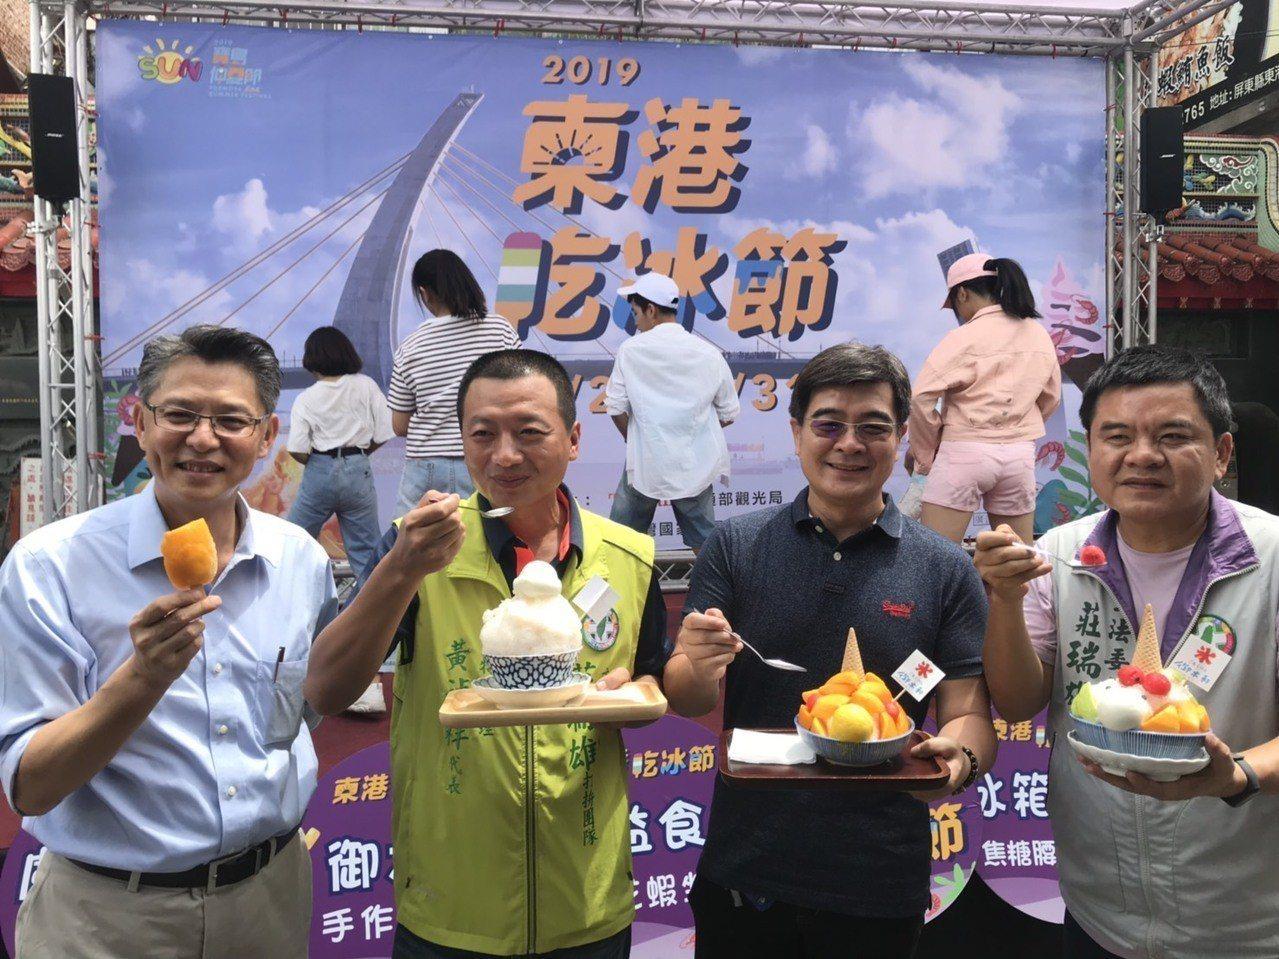 屏東大鵬灣風景區管理處結合在地特色冰品,今起推出「東港吃冰節」活動,民眾只要持東...